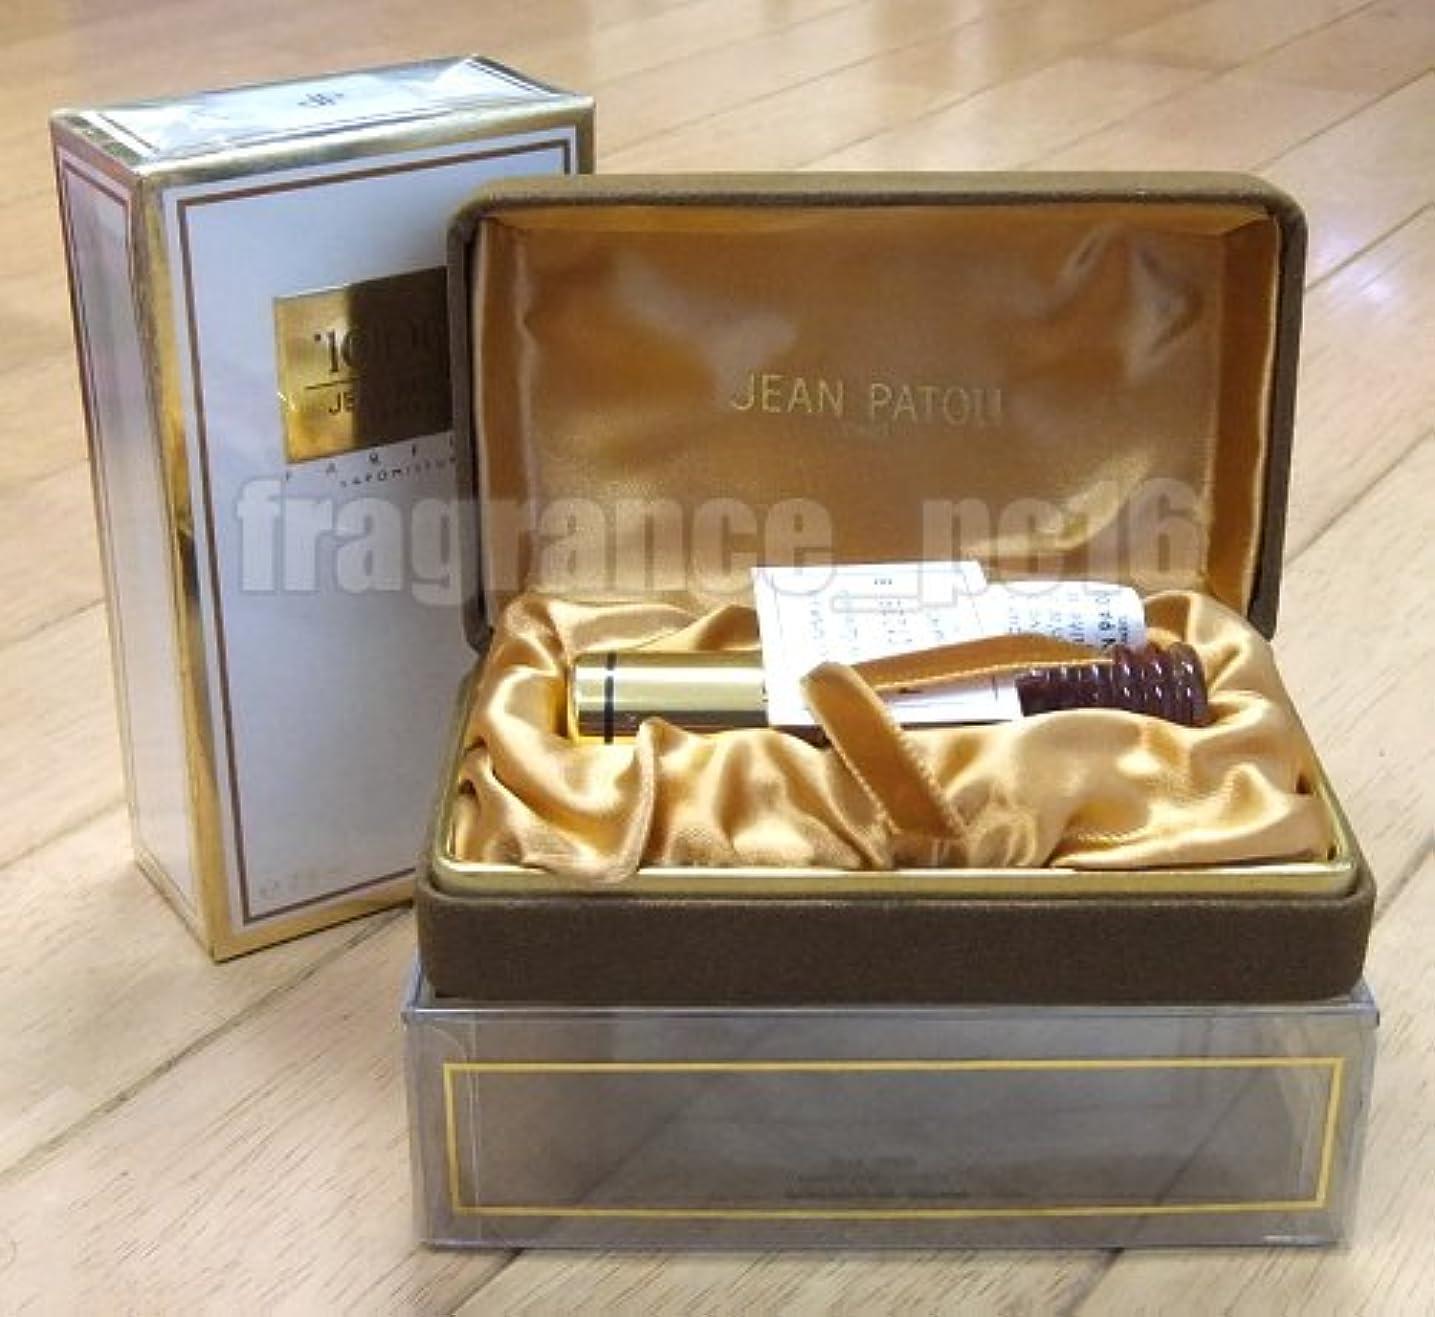 公爵死にかけているキャプテンブライJEAN PATOU ジャンパトゥ ミル 1000 パルファム 7.5ml スプレー (並行輸入) Parfum